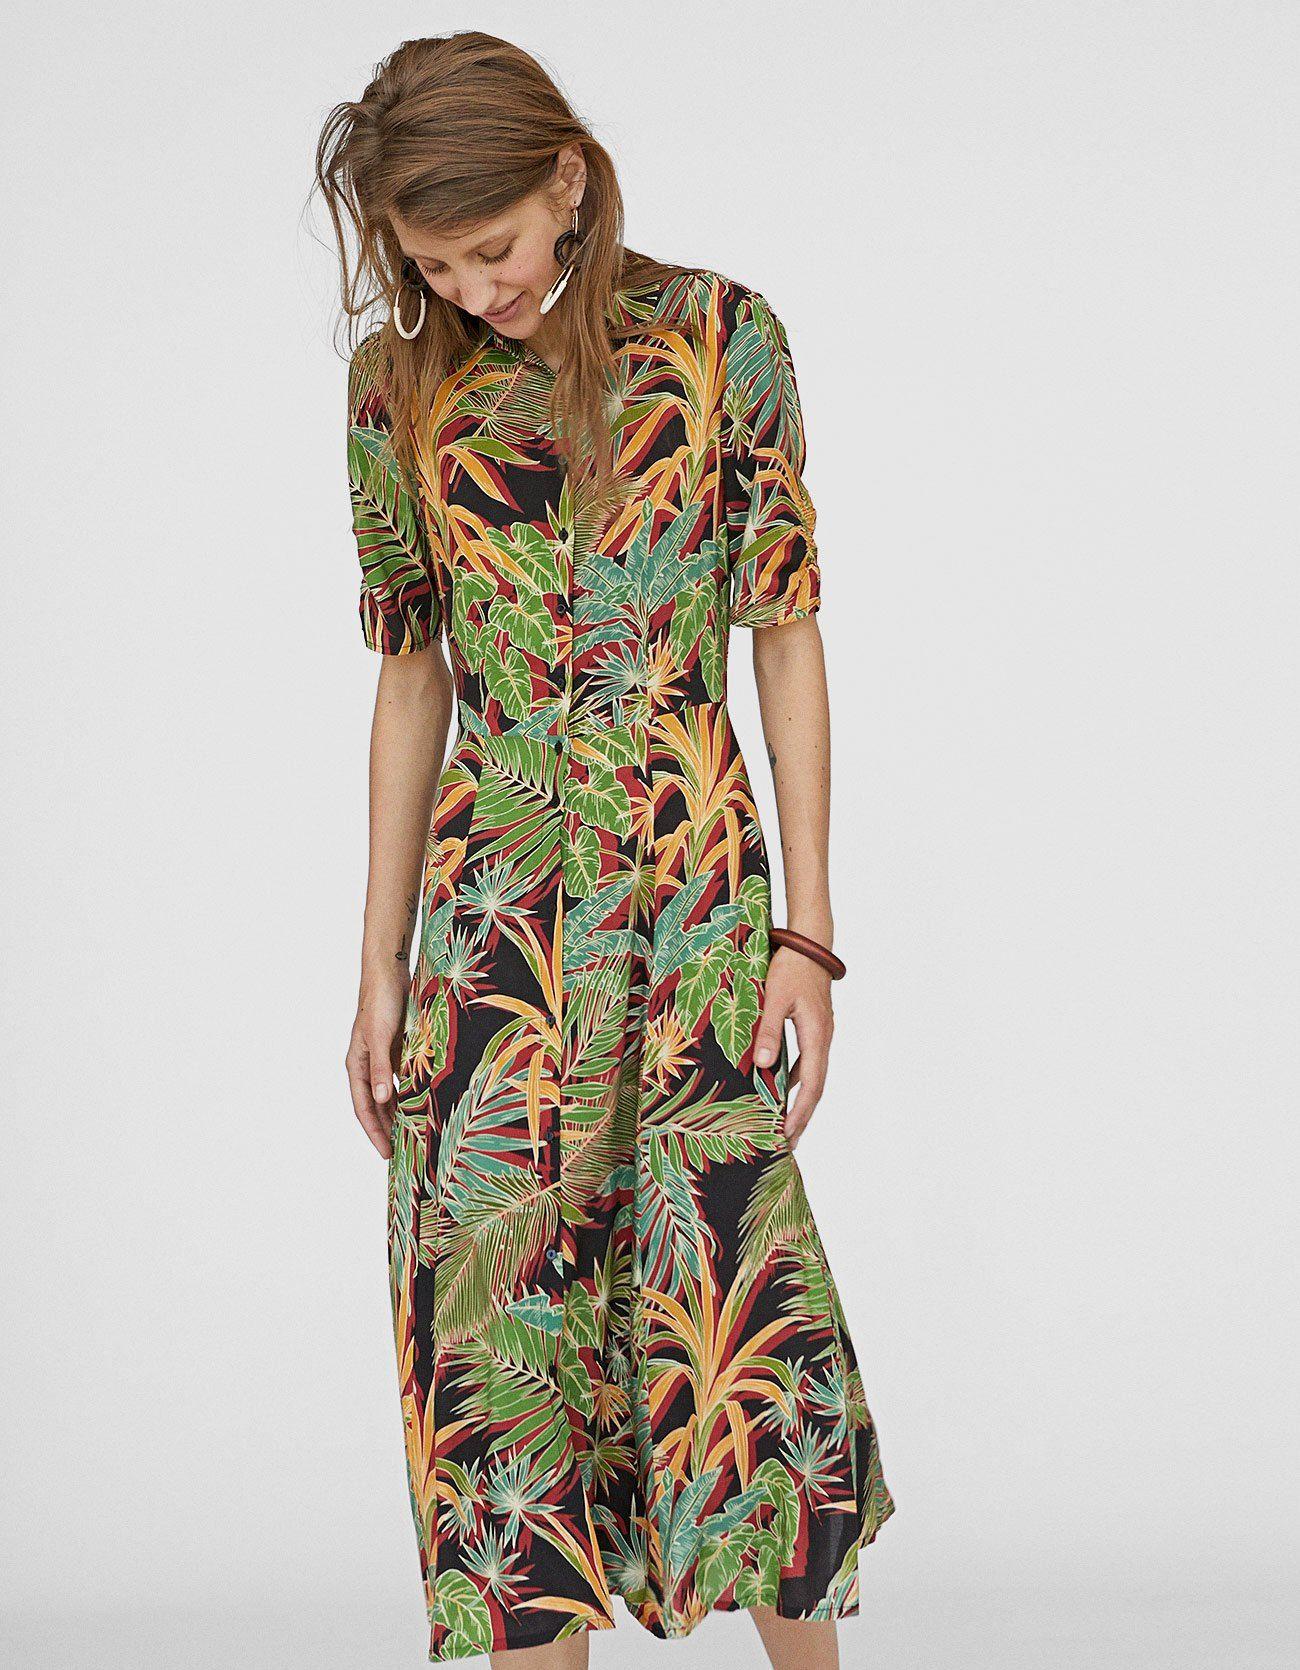 a4dea36b13e1 Tropical print shirt dress - Just In